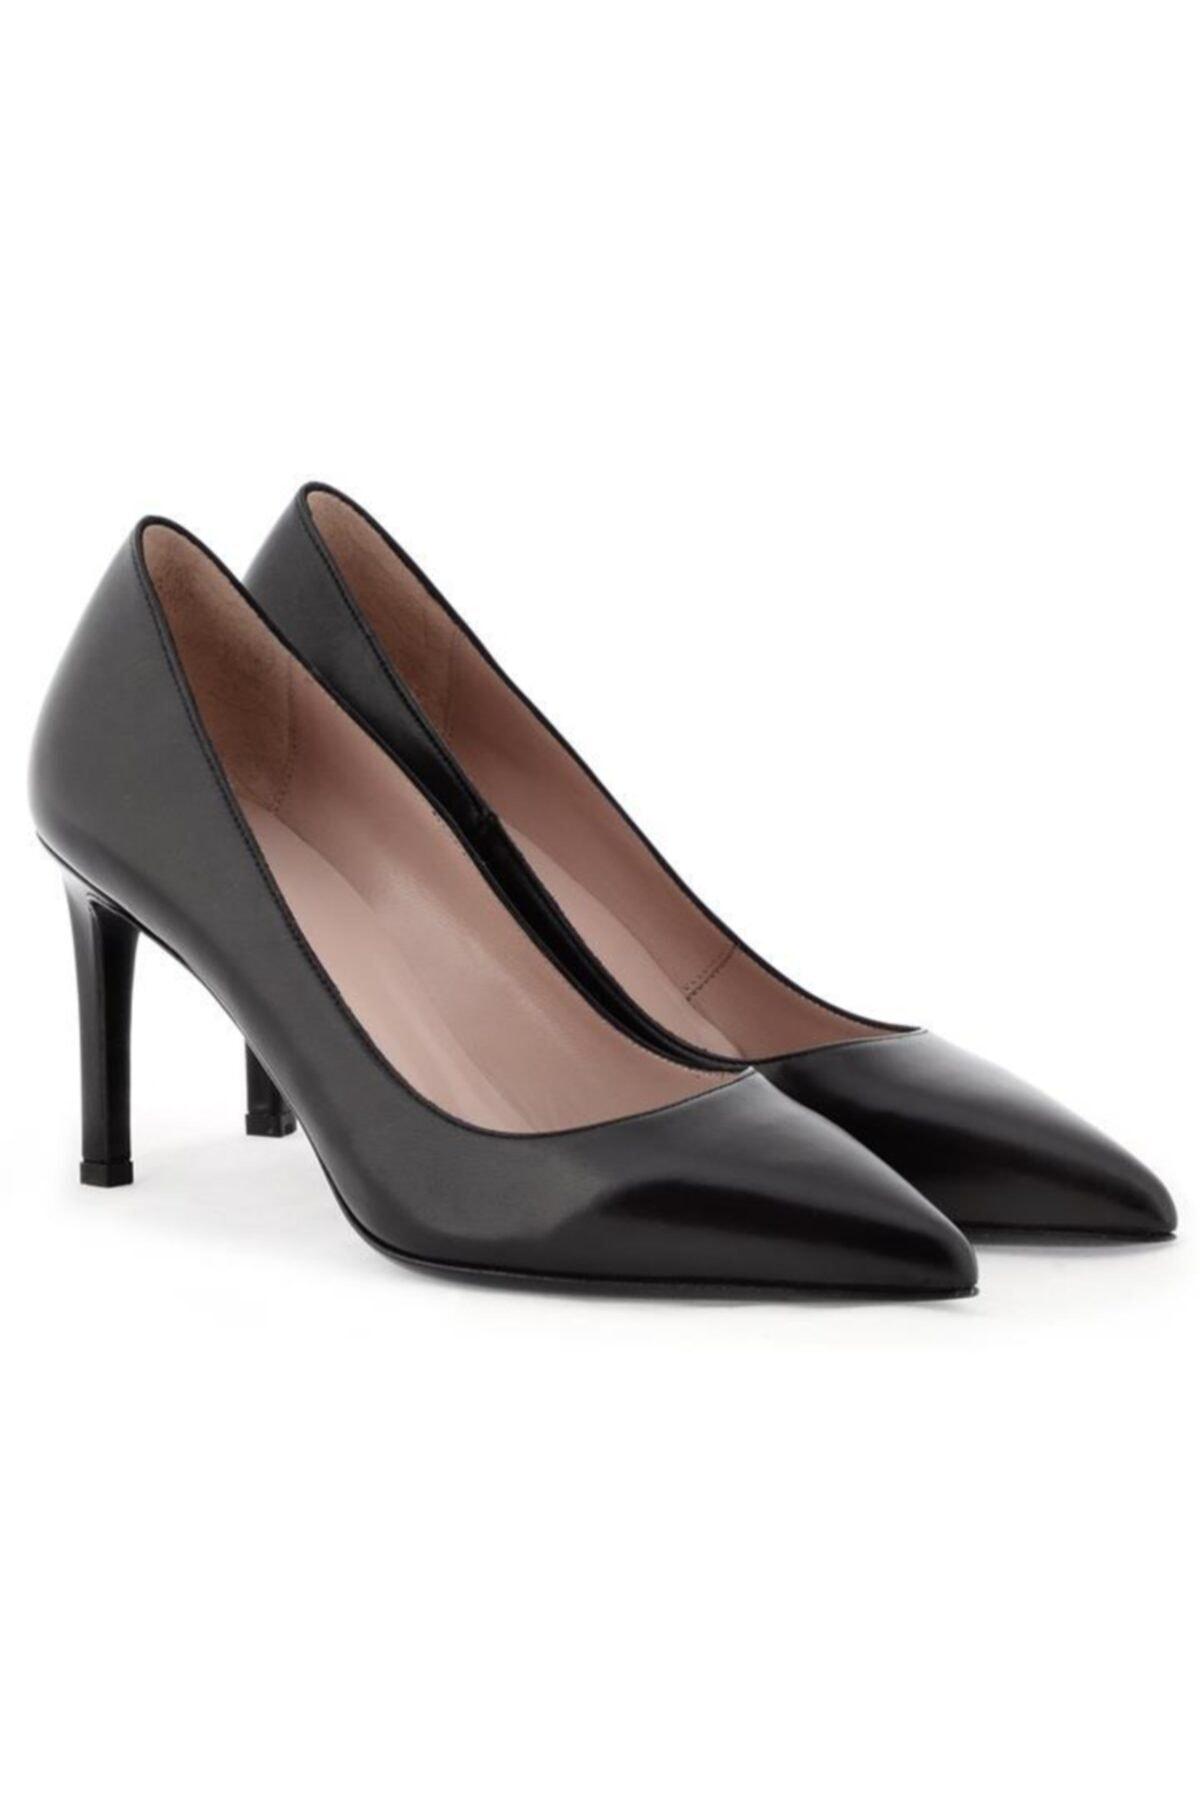 Nursace Hakiki Deri Klasik Topuklu Ayakkabı Nsc18y-a57101 1